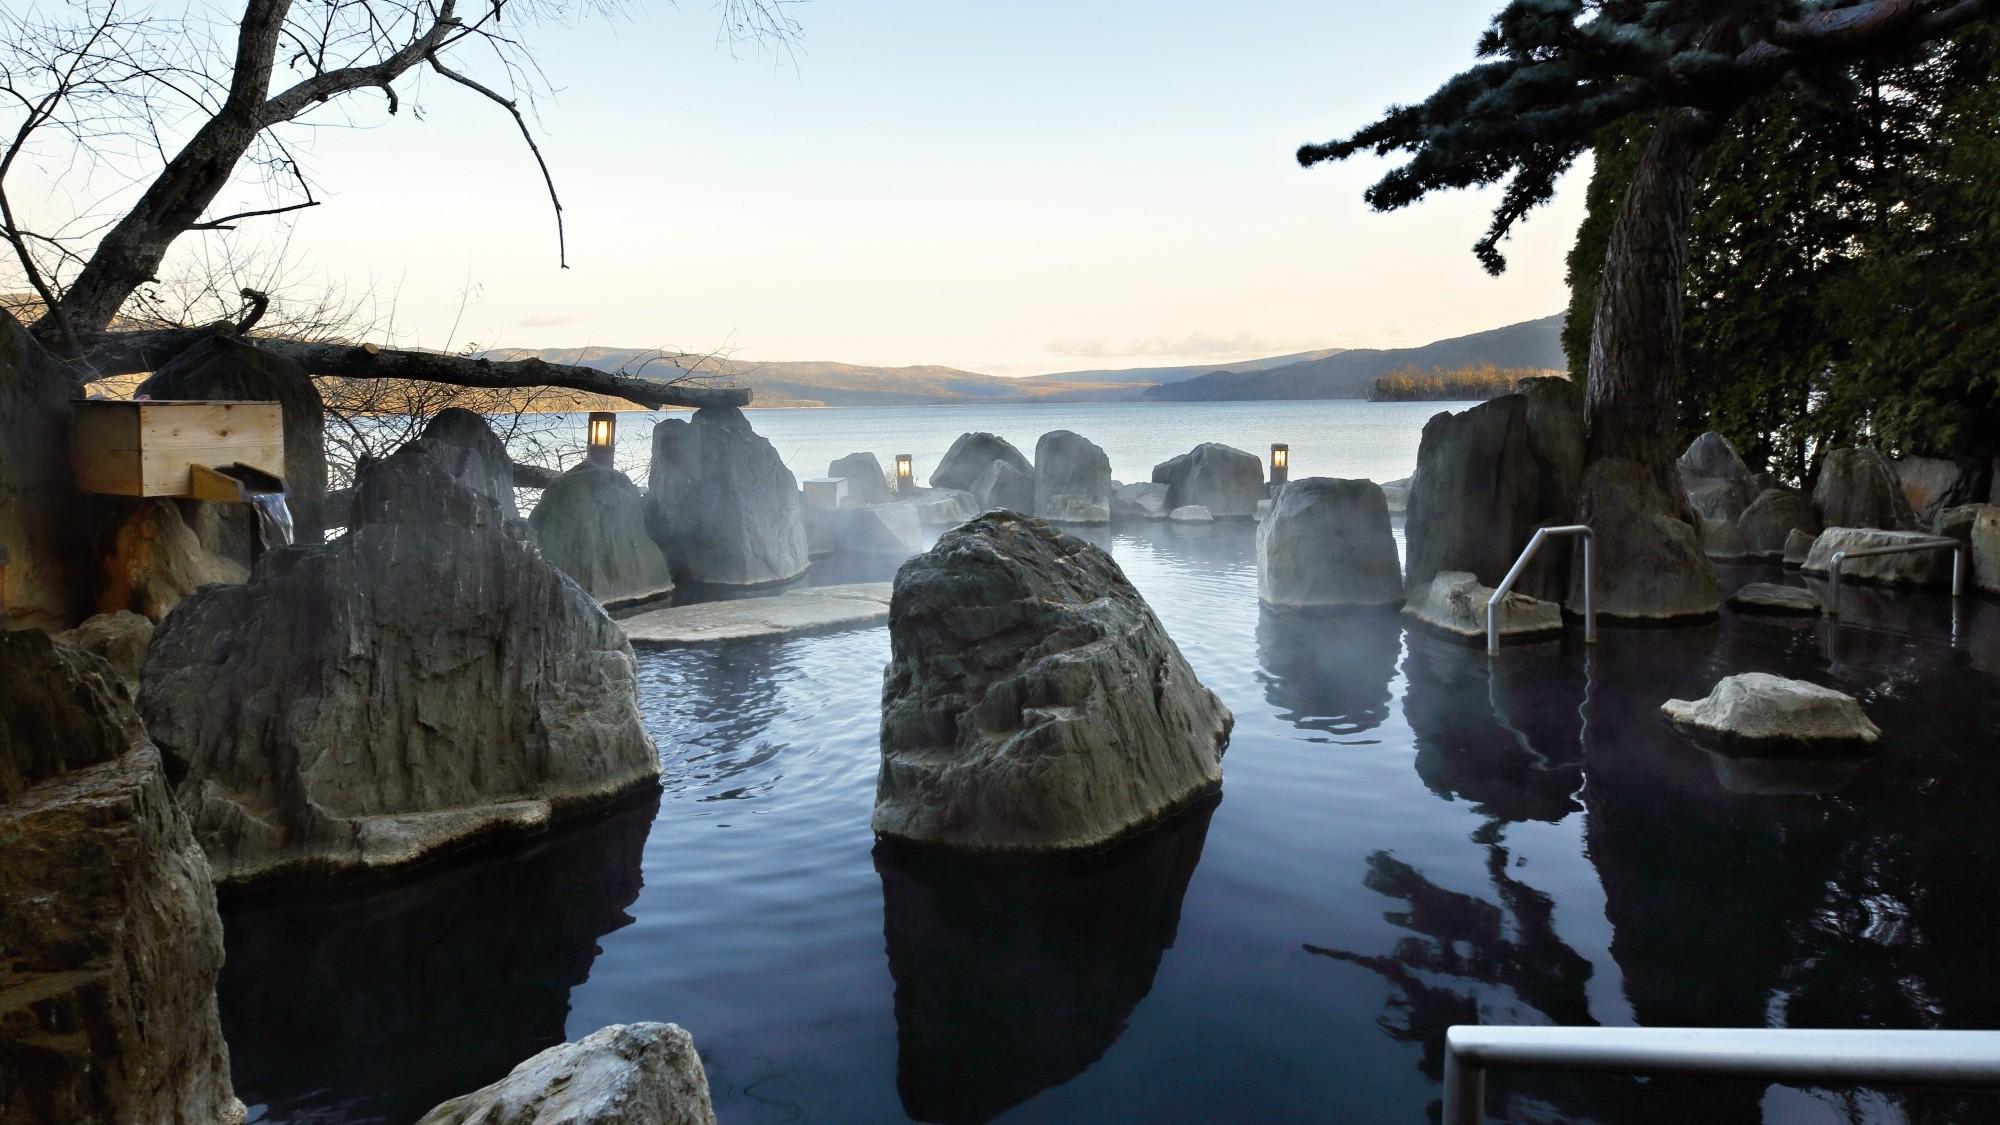 姉妹館・【あかん遊久の里鶴雅】の大浴場もご利用いただけます/庭園露天風呂「鹿泉の湯」